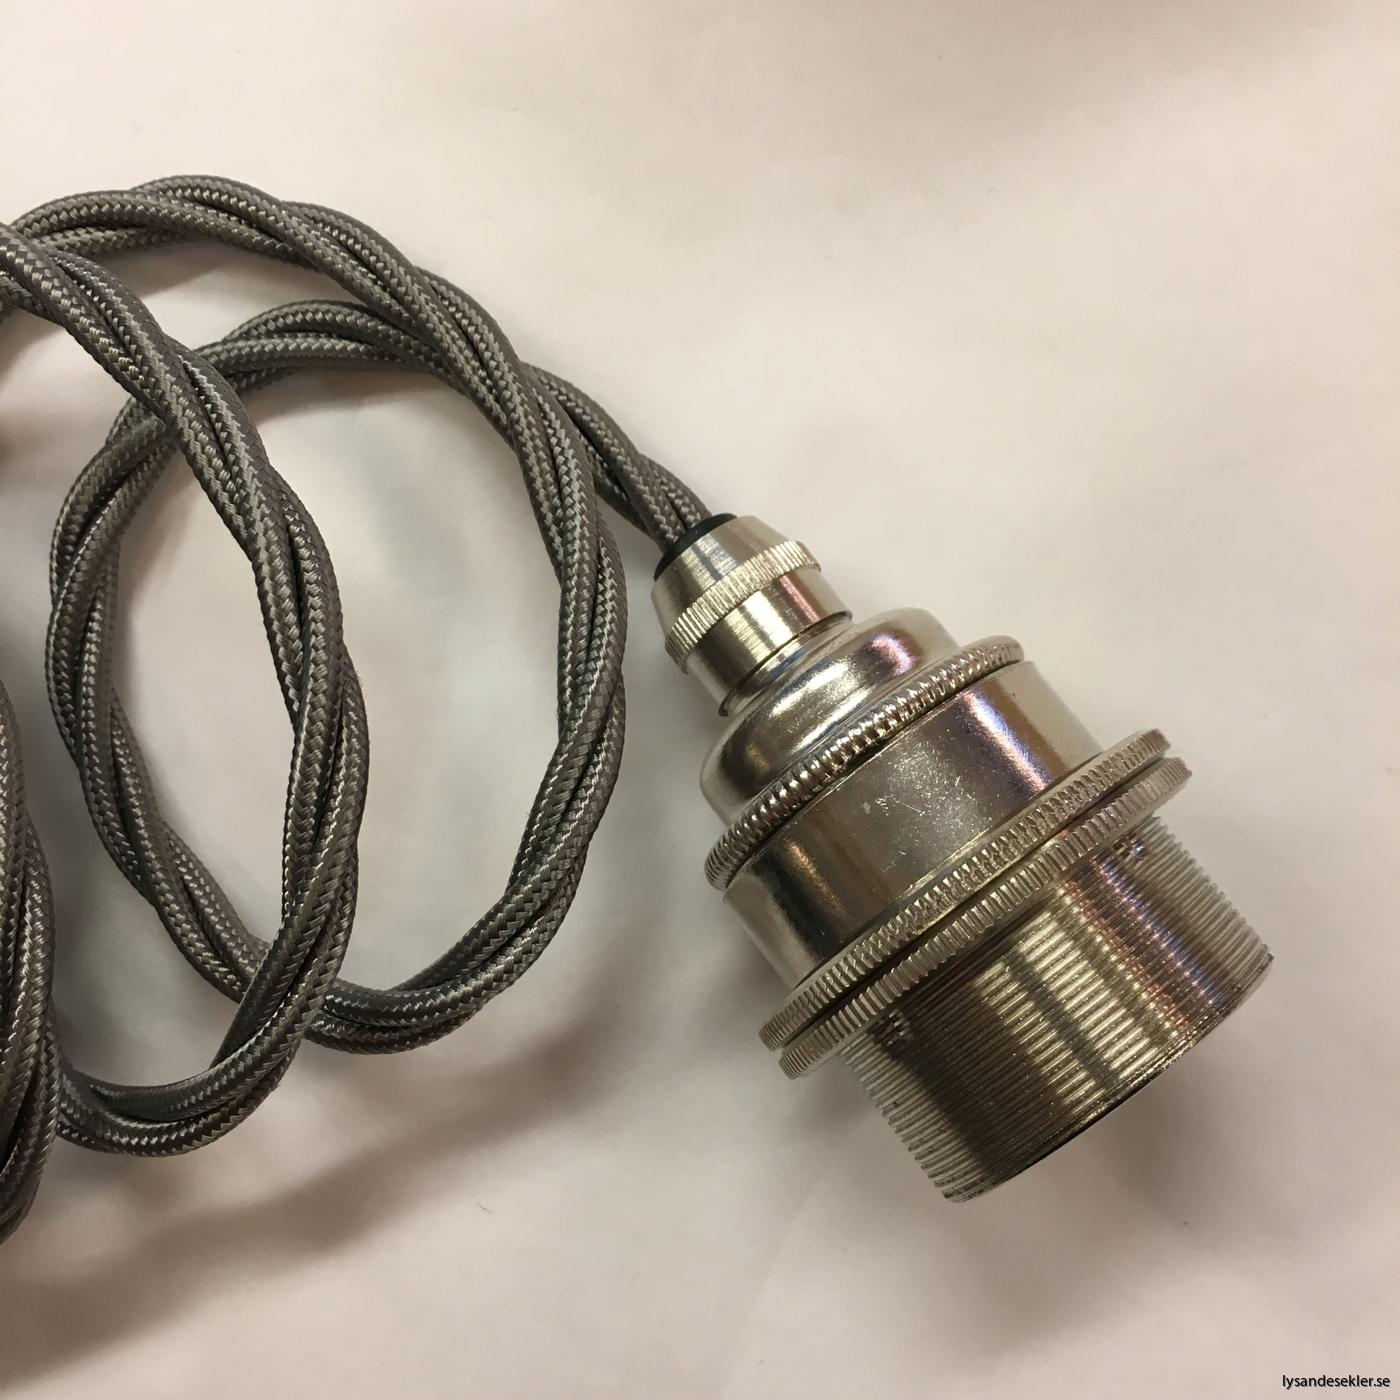 tygsladd textilssladd lampupphäng med 2 ringar utan skruvar för skärm eller glödlampa (20)